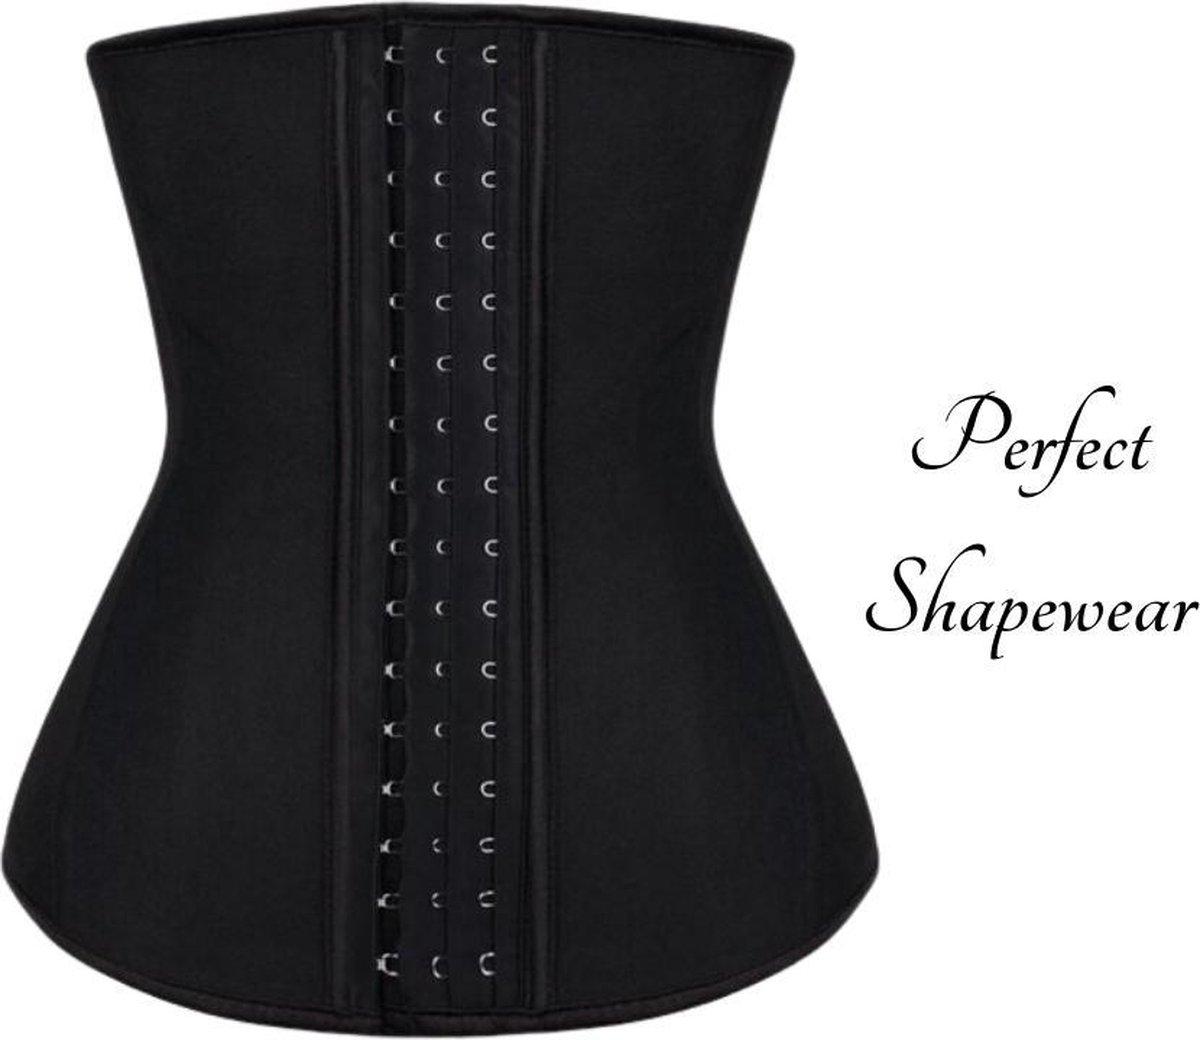 Perfect Shape Waist Trainer | Maat M | Latex Body Shaper voor een Slanke Taille & Zandloper figuur |